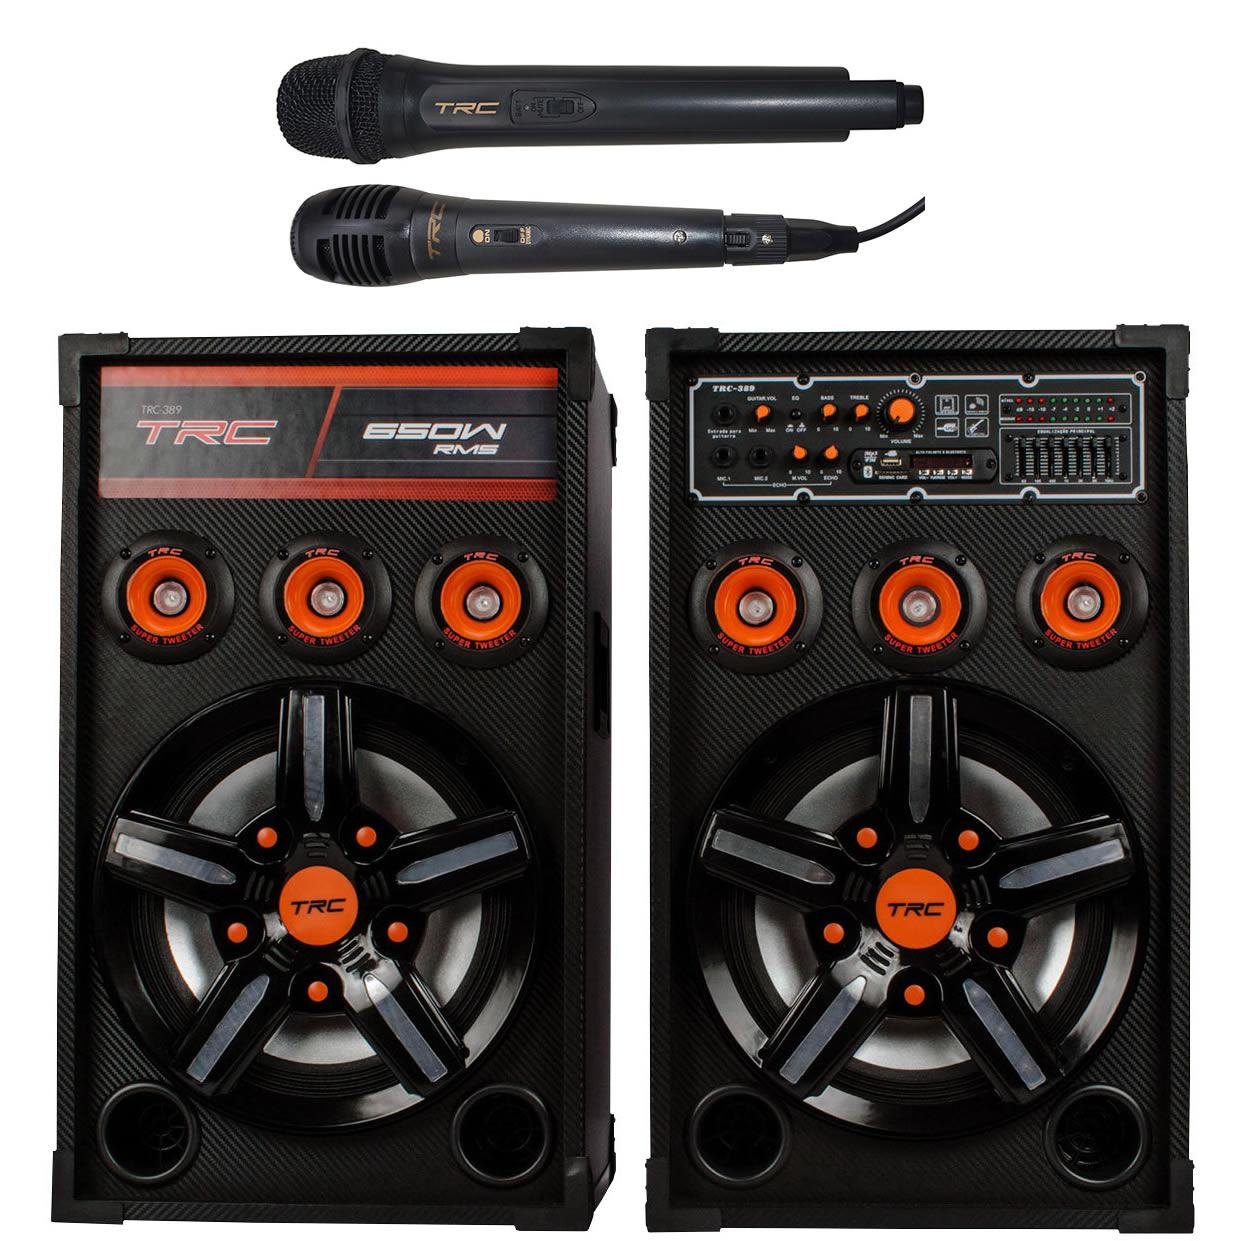 Caixa de Som TRC Amplificada 650W TRC 389 Bluetooth